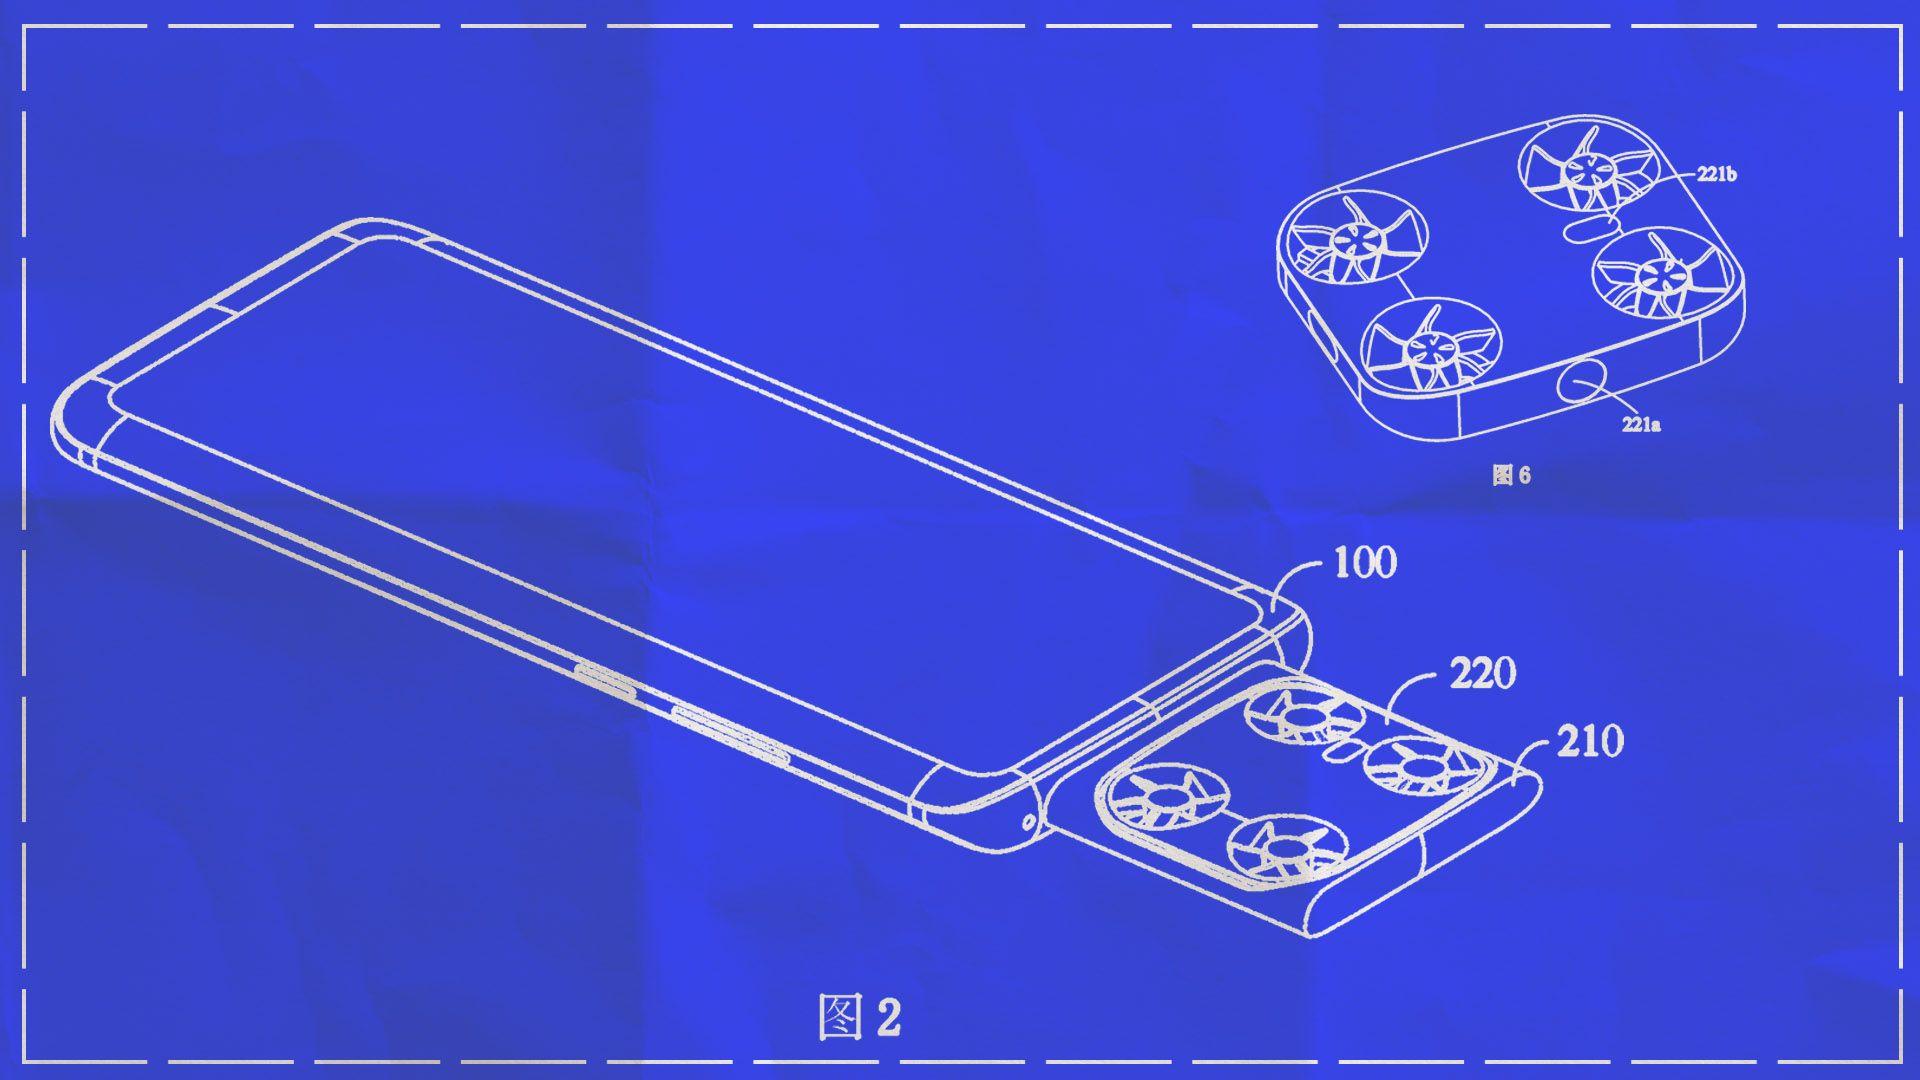 Vivo патентова смартфон с камера дрон